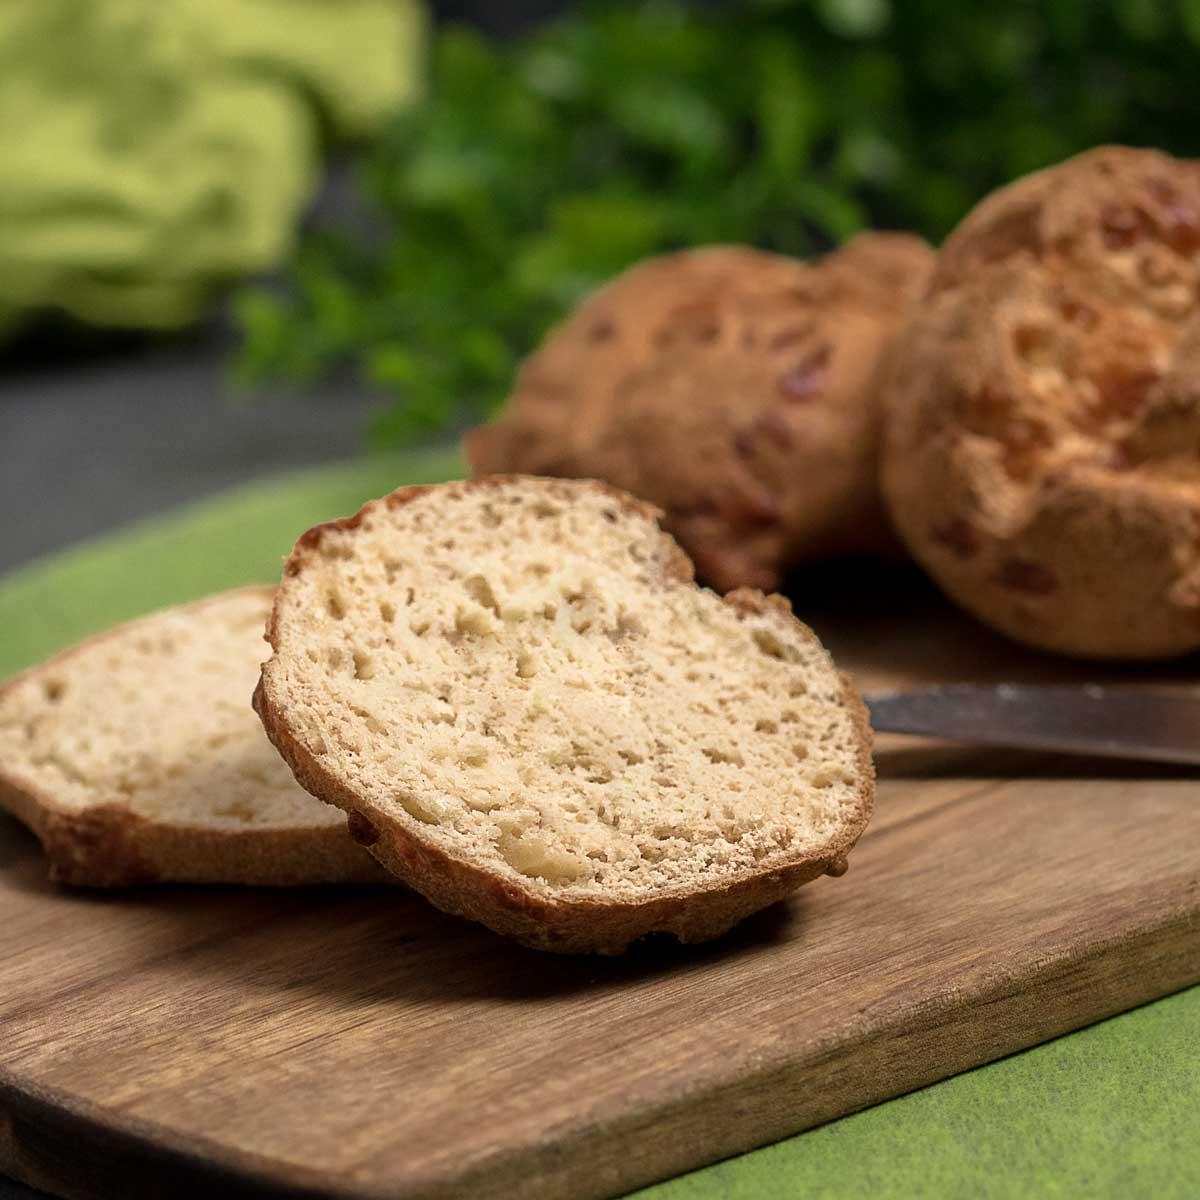 Die Mozzarella-Kokos-Brötchen sind lecker und einfach zu backen. Das Rezept für die Brötchen ist zudem Low Carb und glutenfrei.